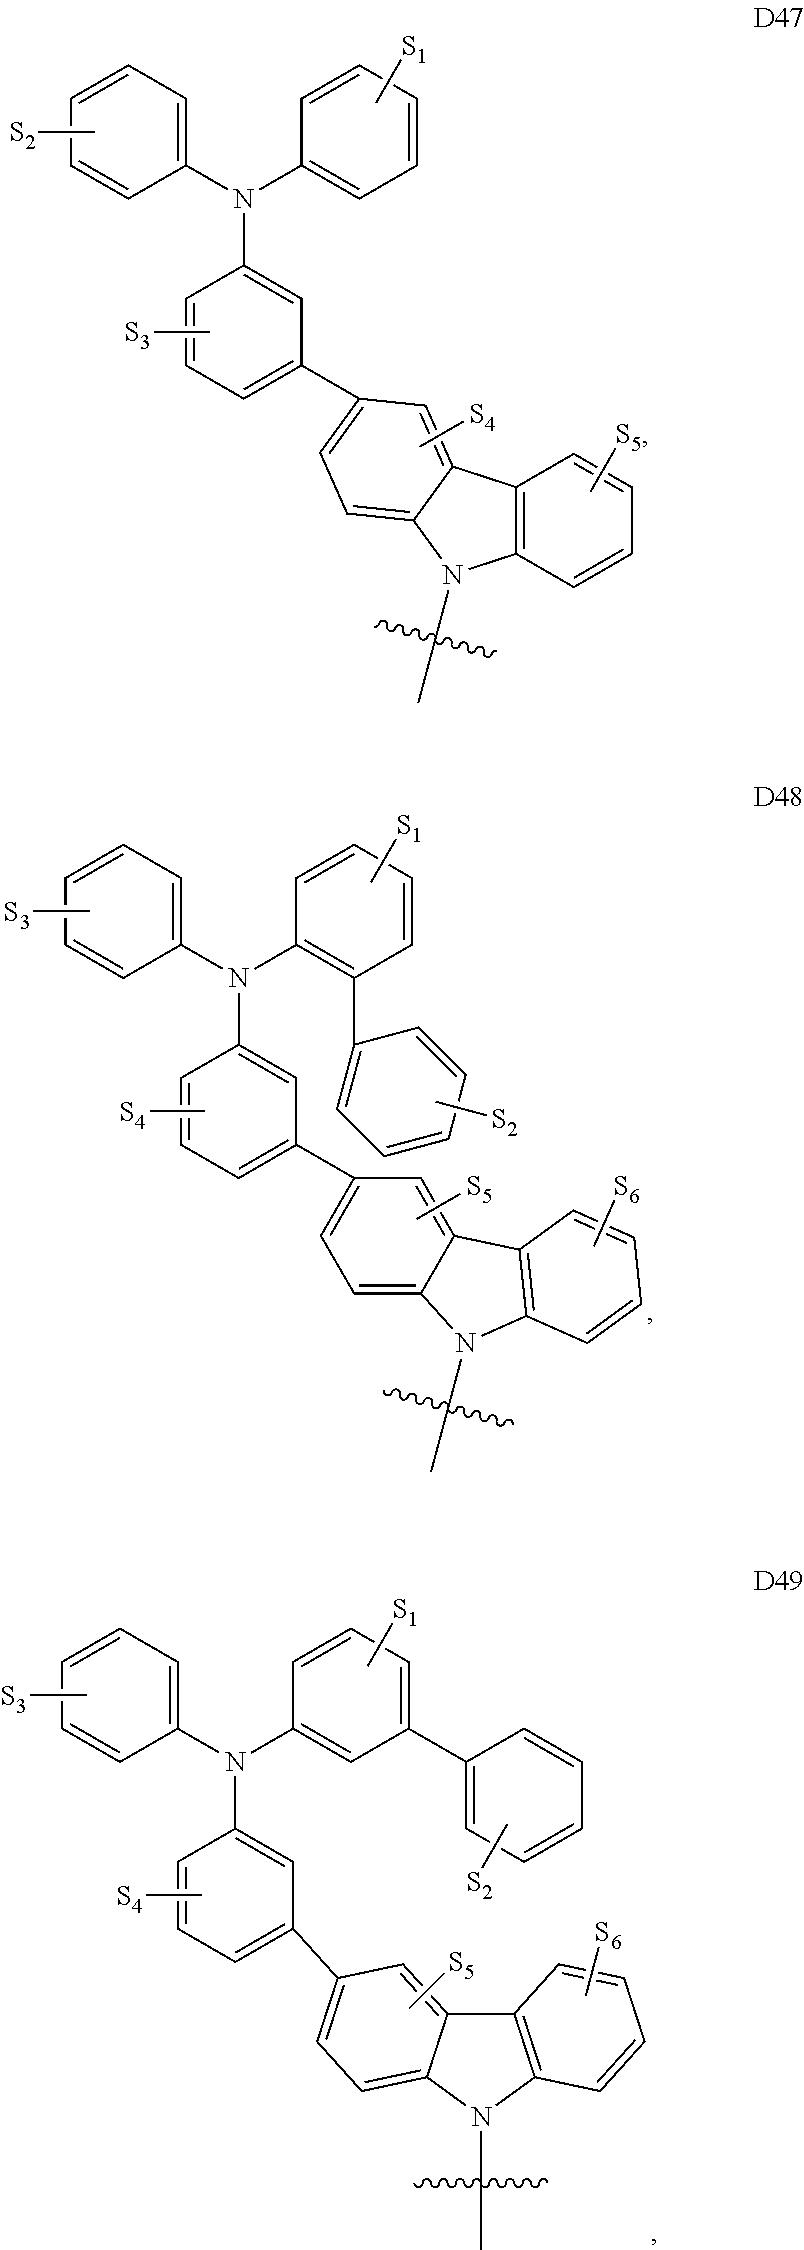 Figure US09324949-20160426-C00018